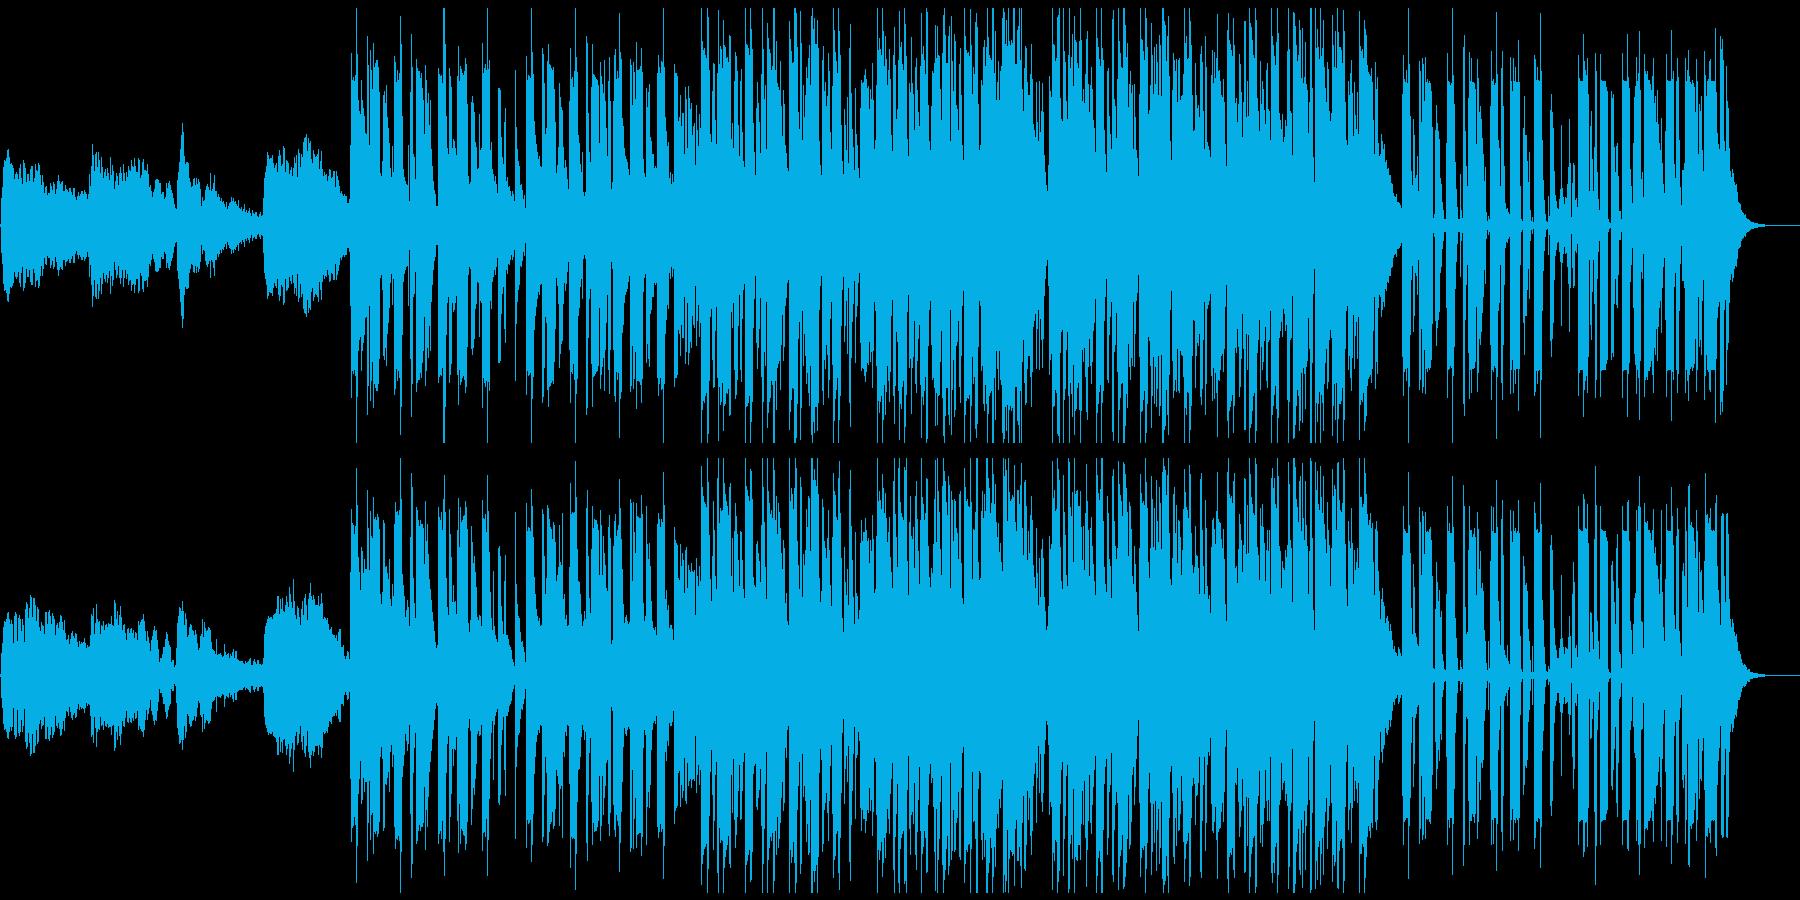 1分仕様ダークな躍動感あるブレイクビーツの再生済みの波形